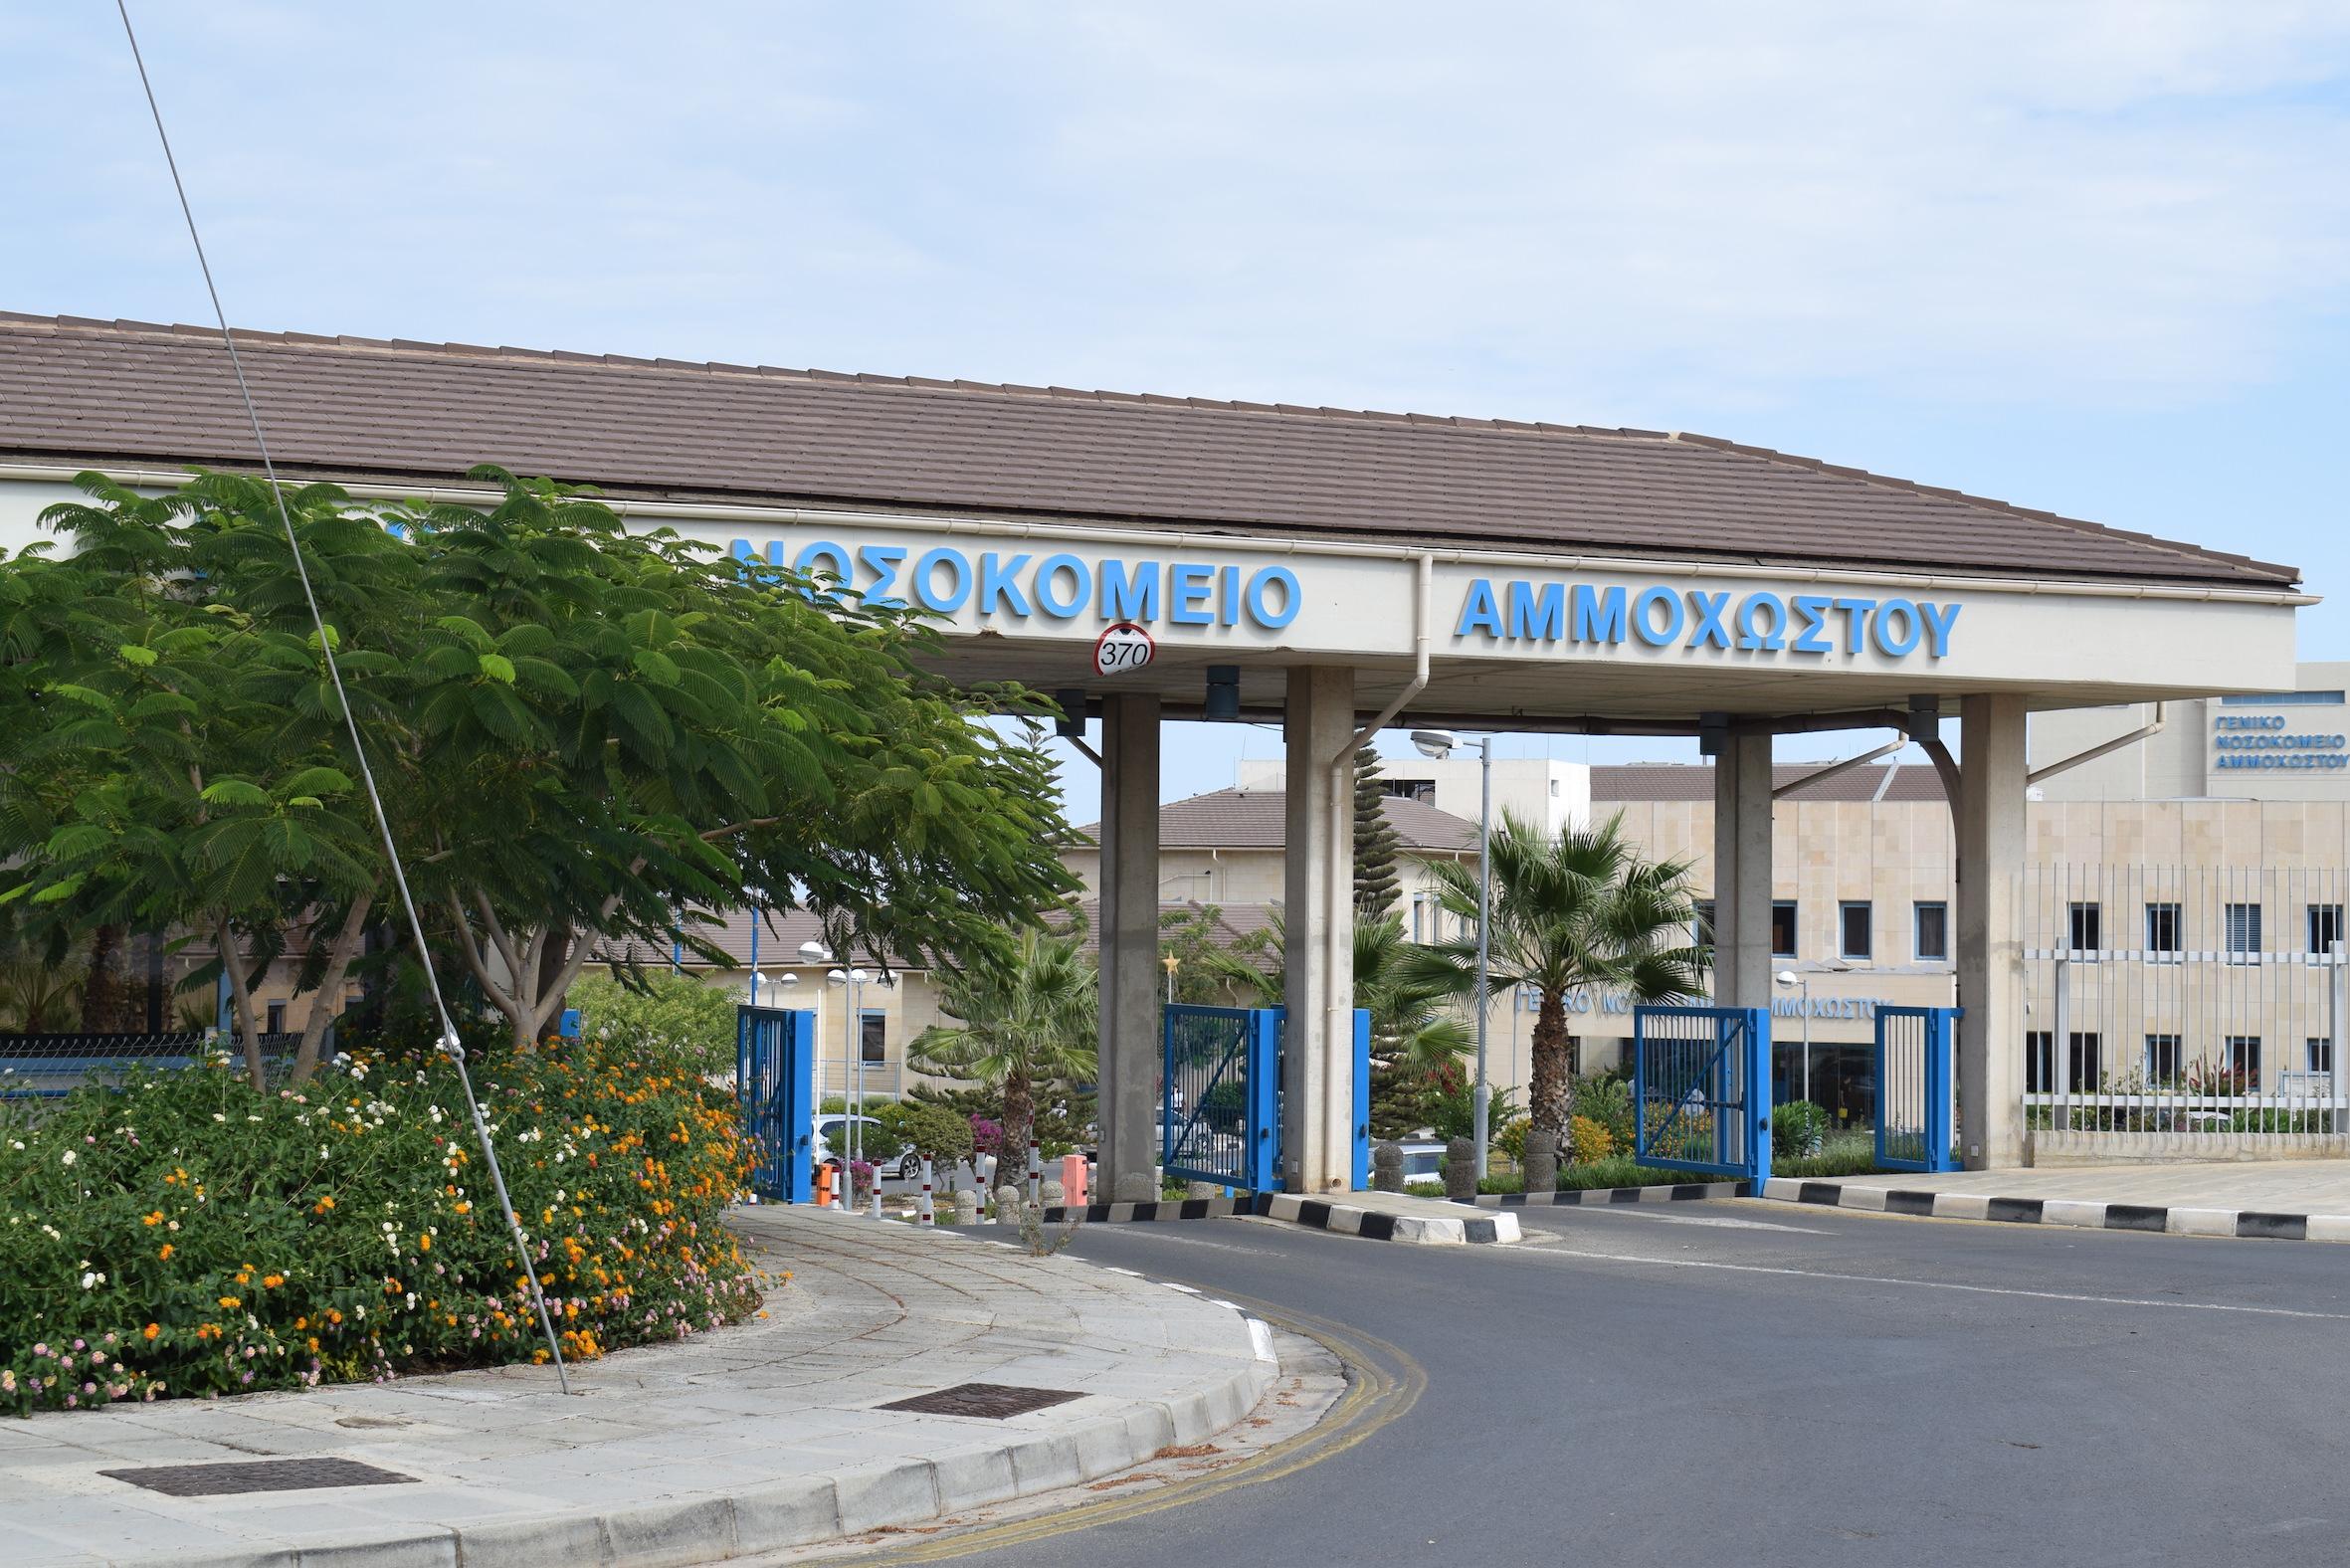 Αυξήθηκαν στους έξι οι ασθενείς με κορωνοϊό που νοσηλεύονται στο Αναφορά ενώ στο Eden Resort στην Τερσεφάνου παραμένουν 23 άτομα